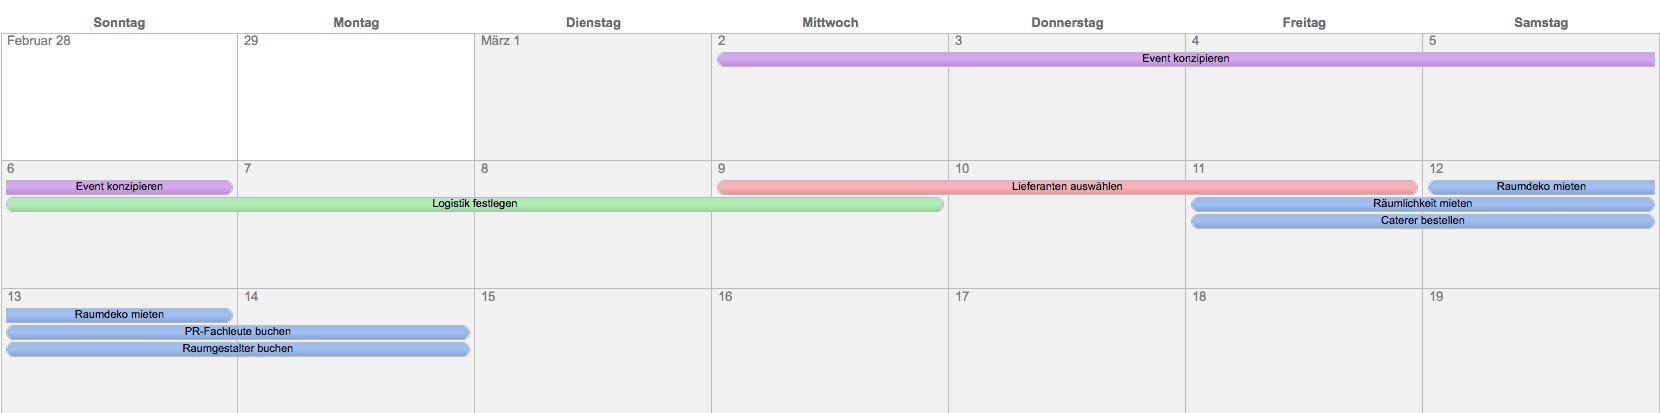 02/07/· In diesem Video lernst du eine sog. Gantt-Diagramm in Excel mit Hilfe von bedingten Formatierungen zu erstellen. Viel Spaß beim Zuschauen! +++ Tatakaus' Exce.